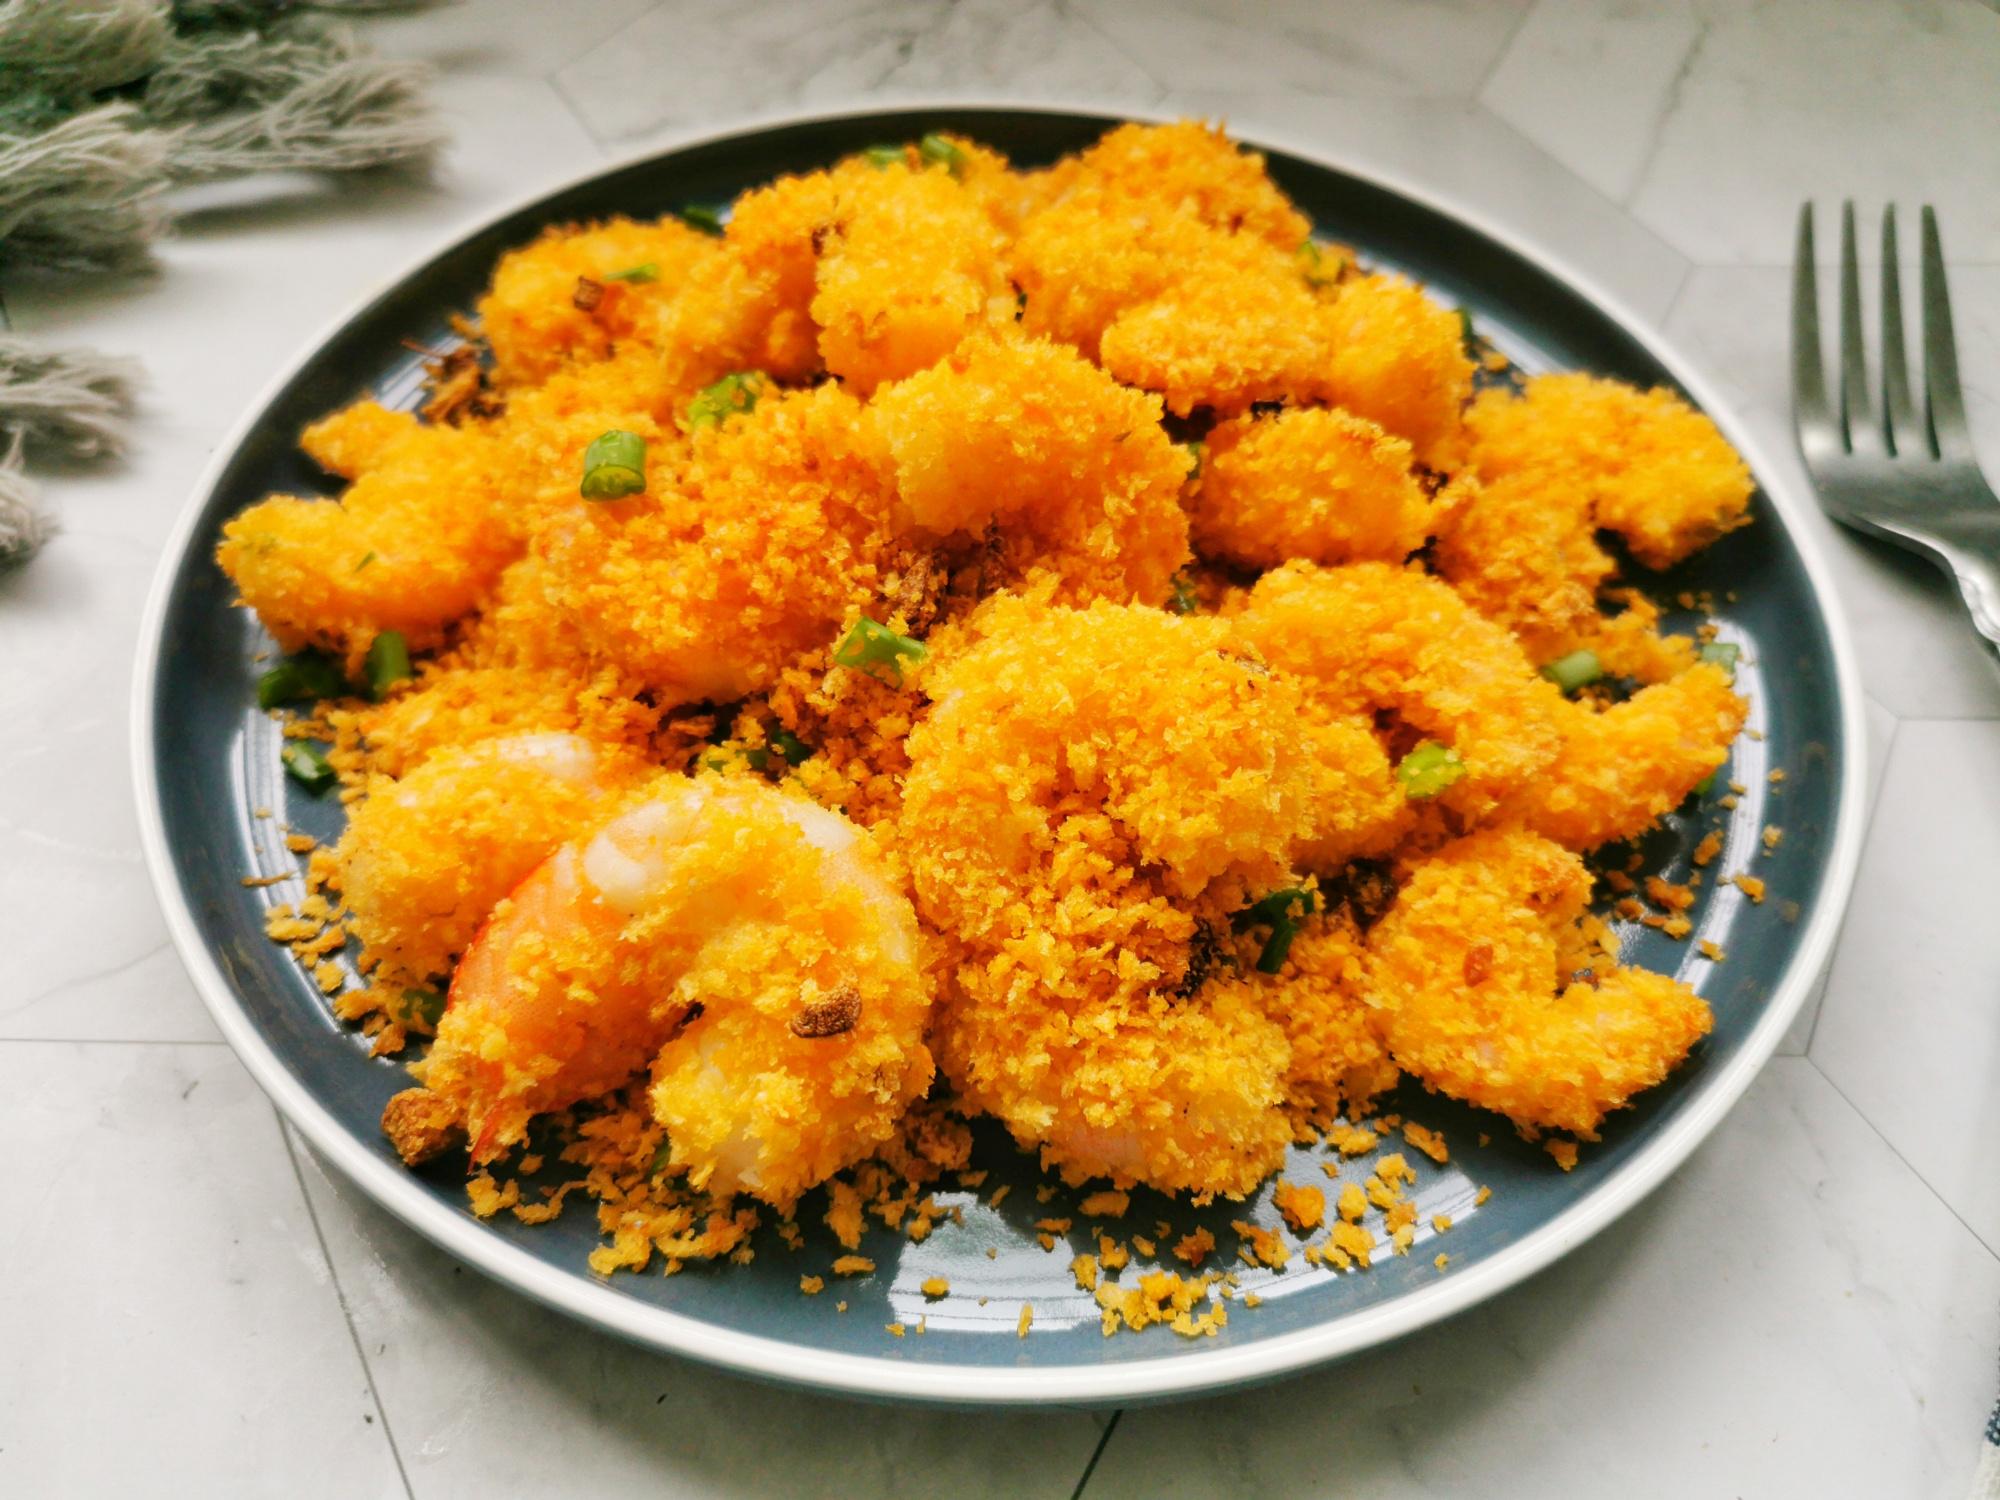 我家大蝦不愛水煮,學會這種做法,不油炸不清蒸,外酥里嫩不油膩